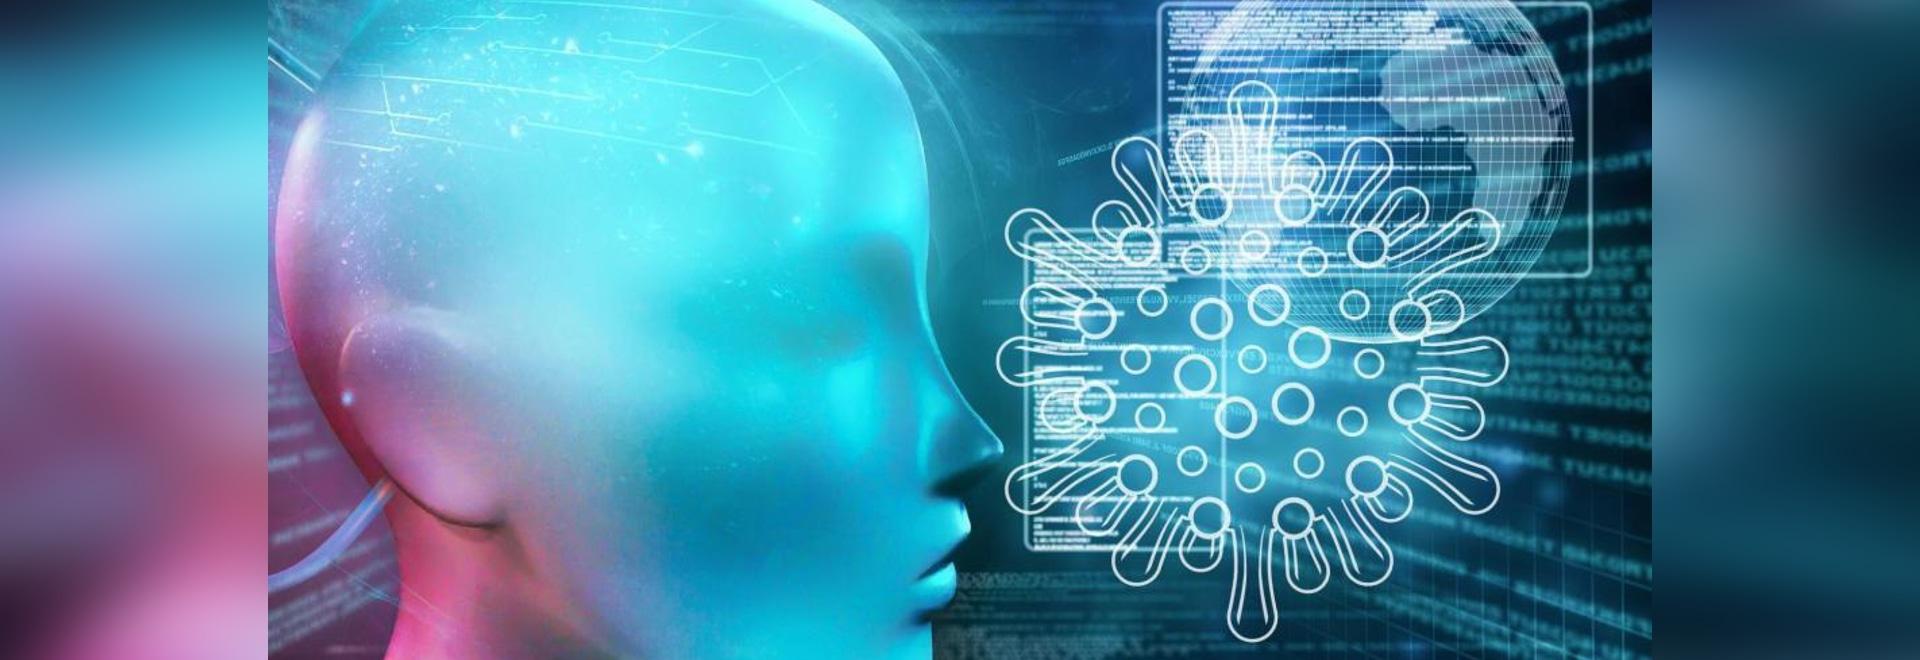 El nuevo diagnóstico de inteligencia artificial puede predecir el COVID-19 sin necesidad de pruebas